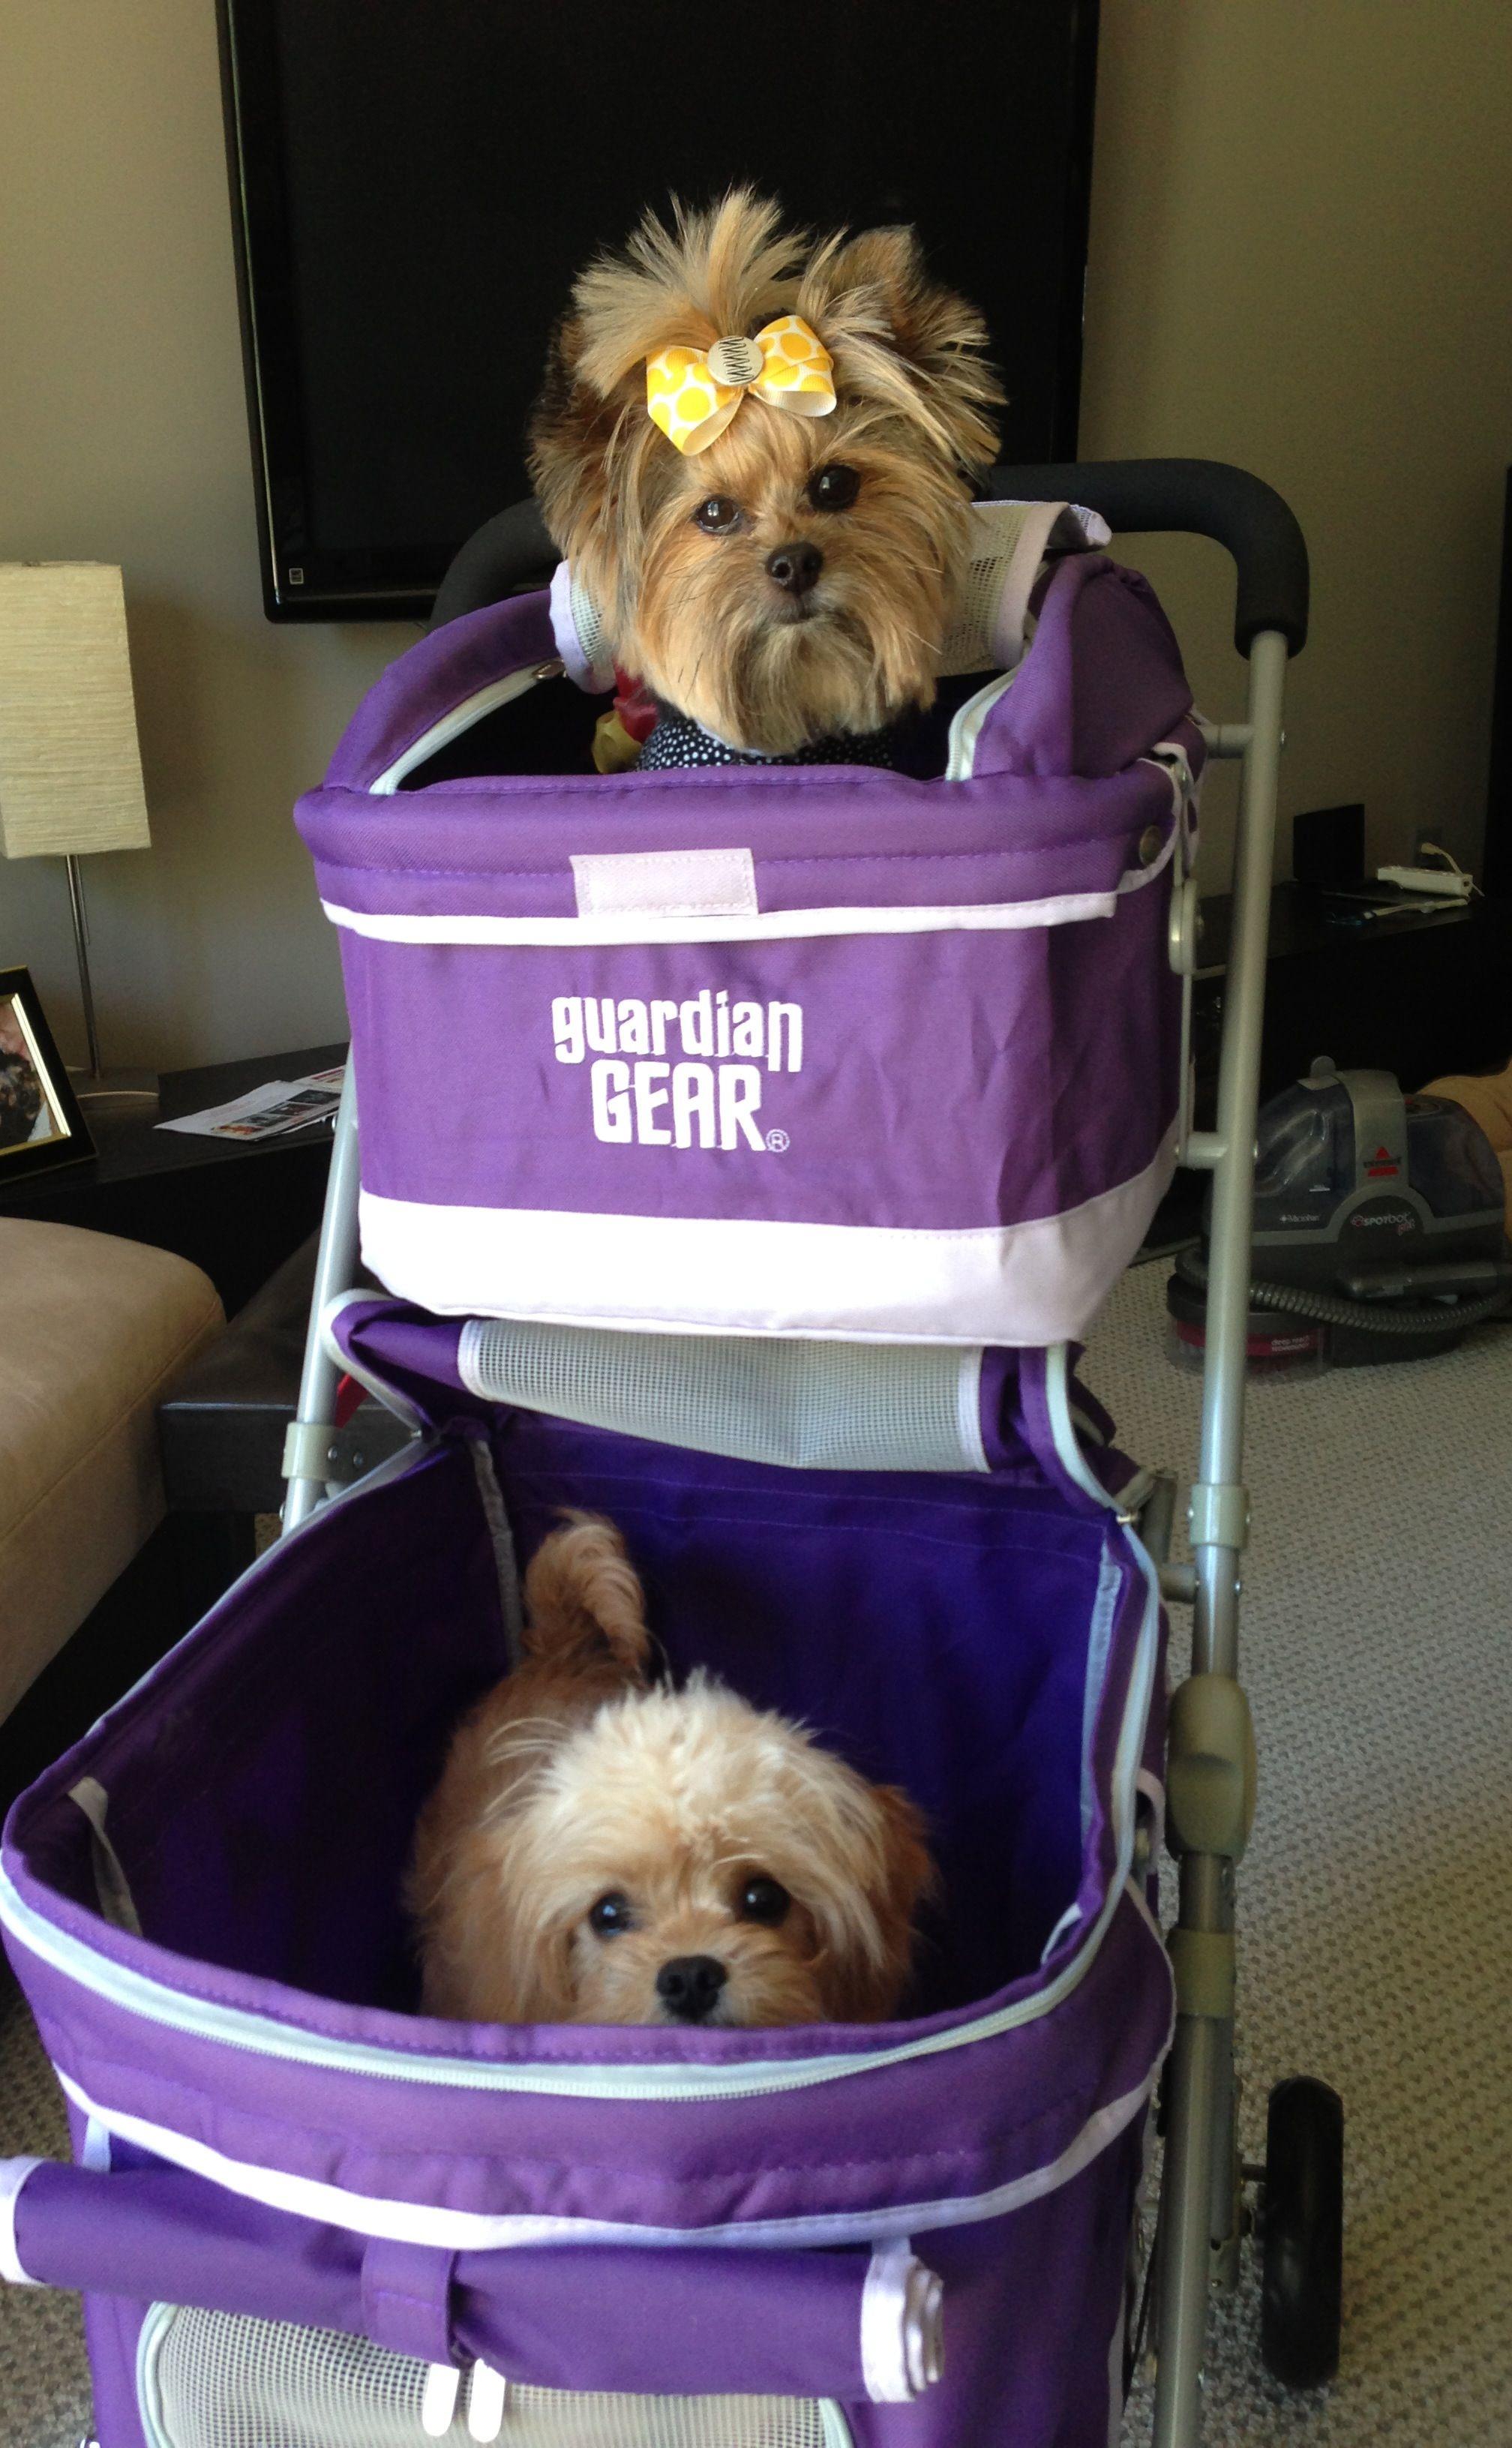 Kids New Stroller In 2020 Dog Stroller Dog Pet Beds Dog Paw Protection